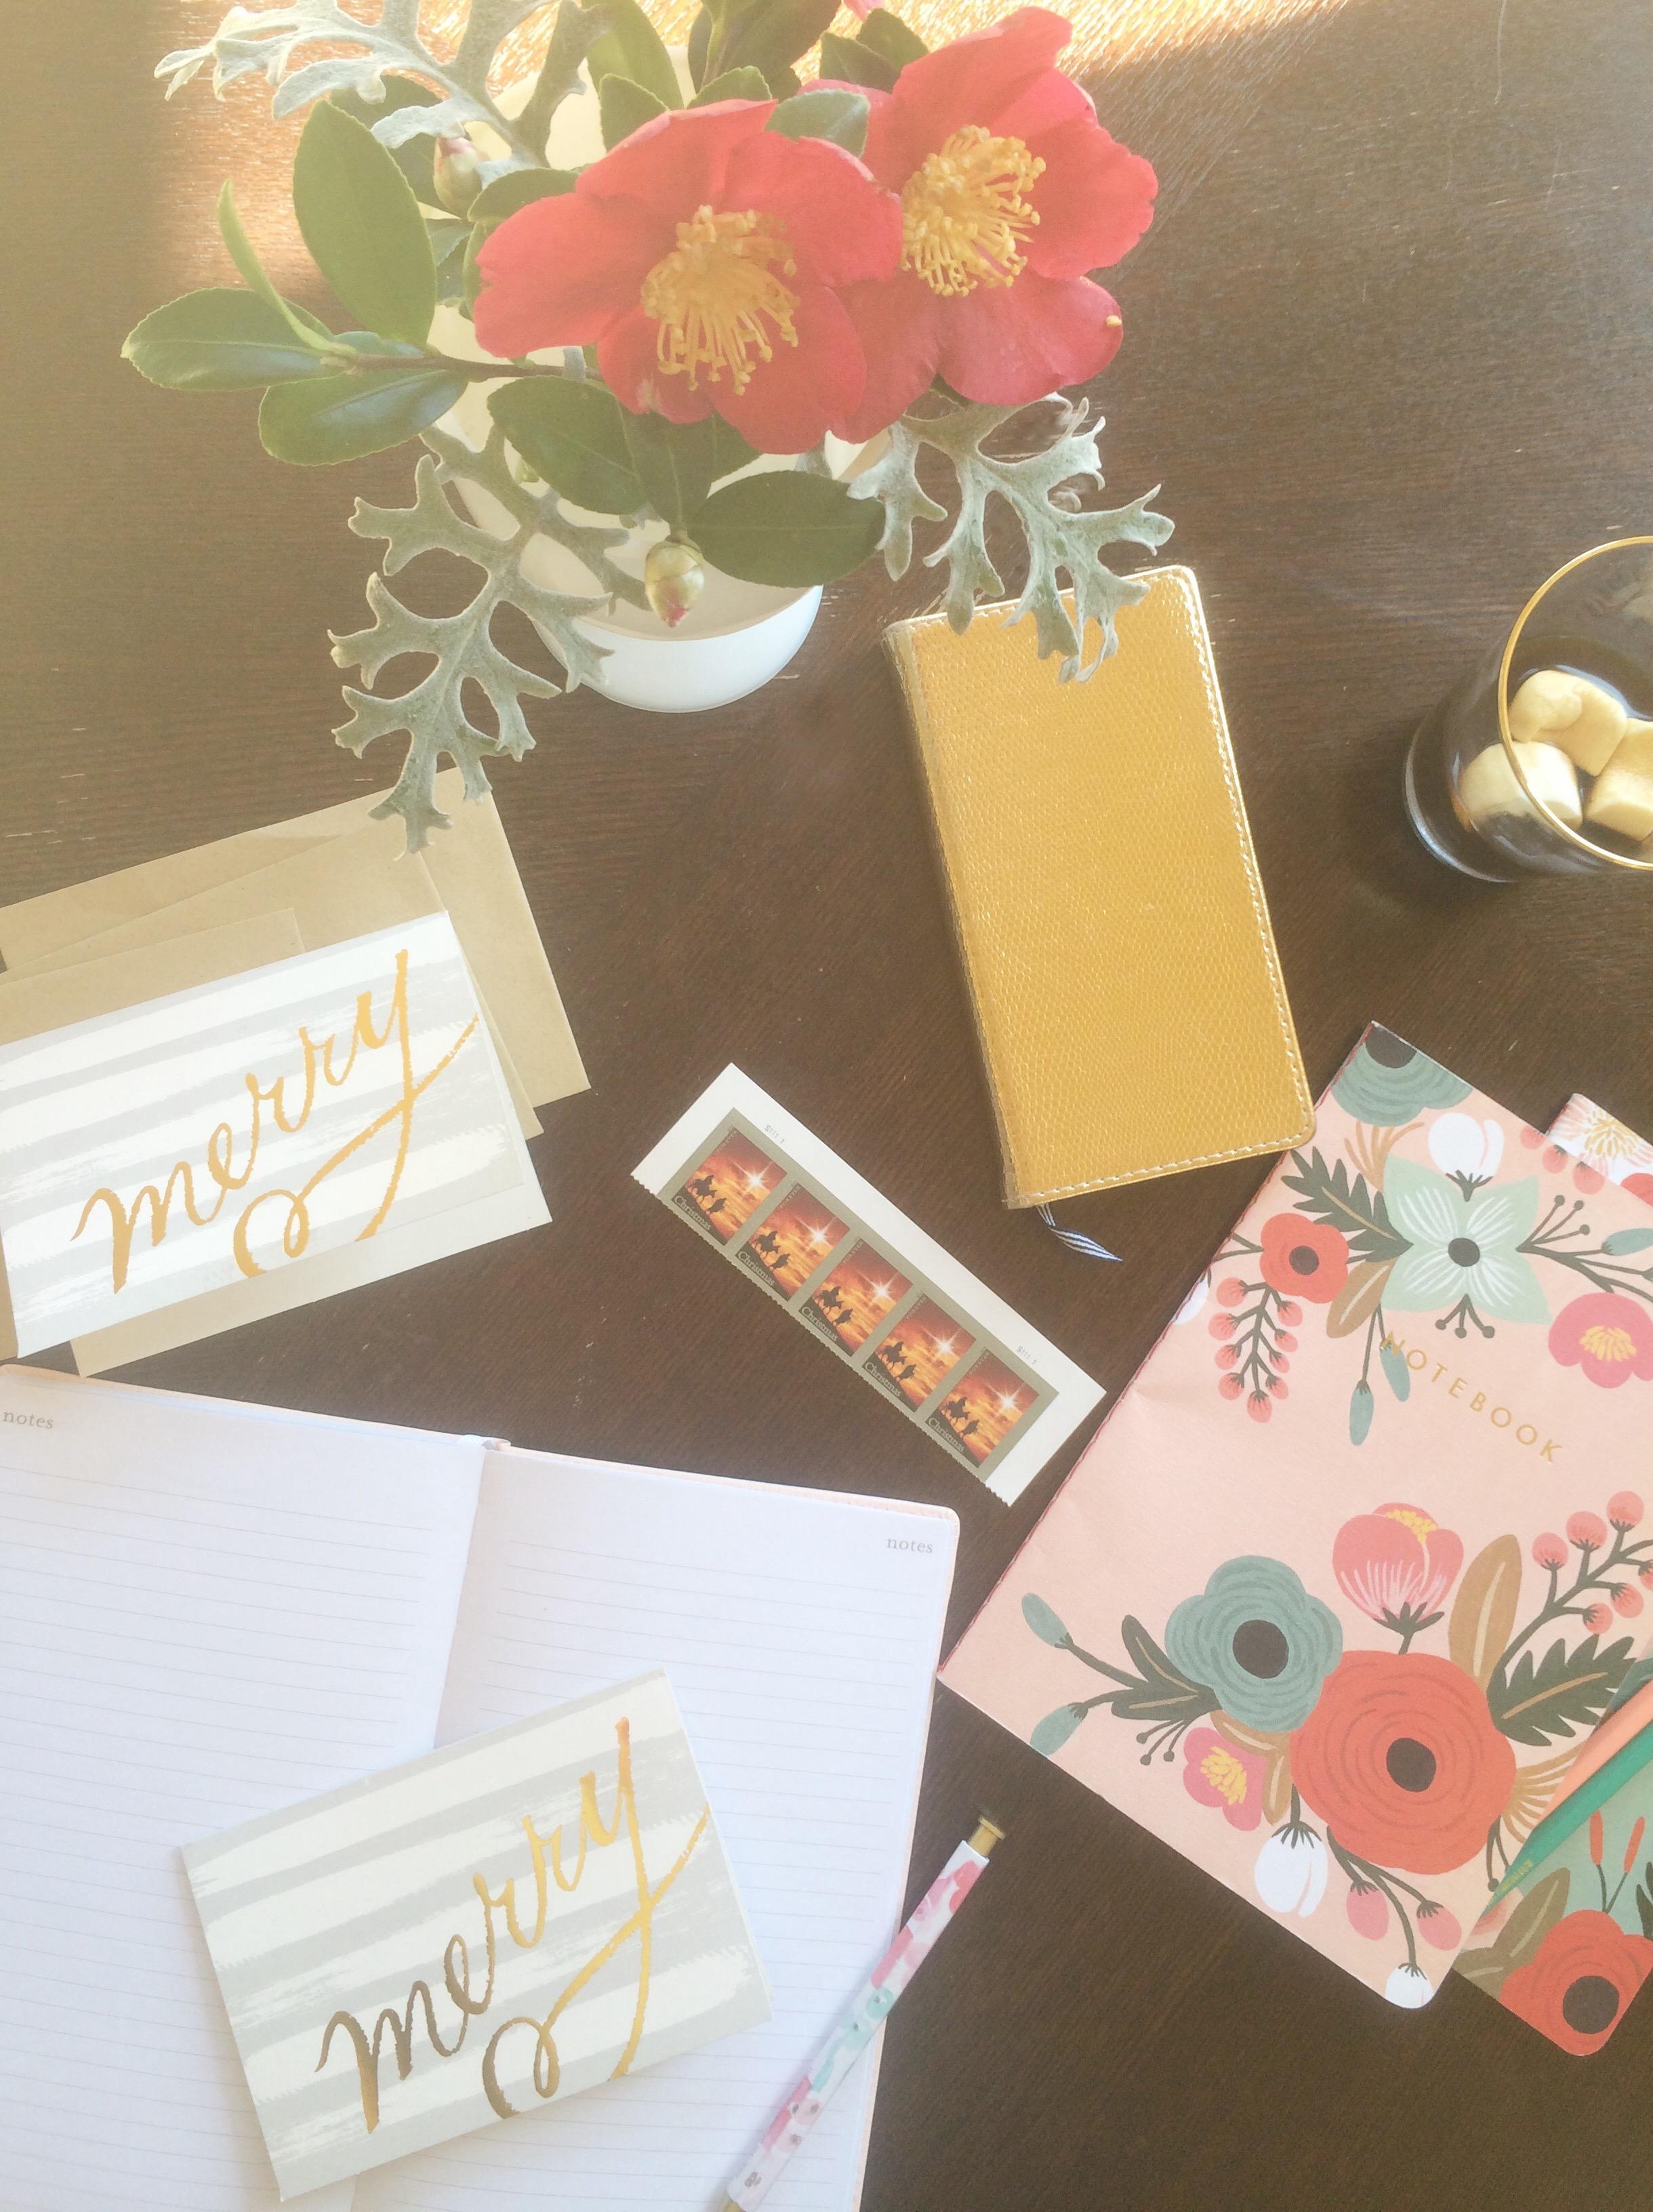 Los mejores tips para enviar tarjetas de navidad - Tarjetas de navidad para enviar ...